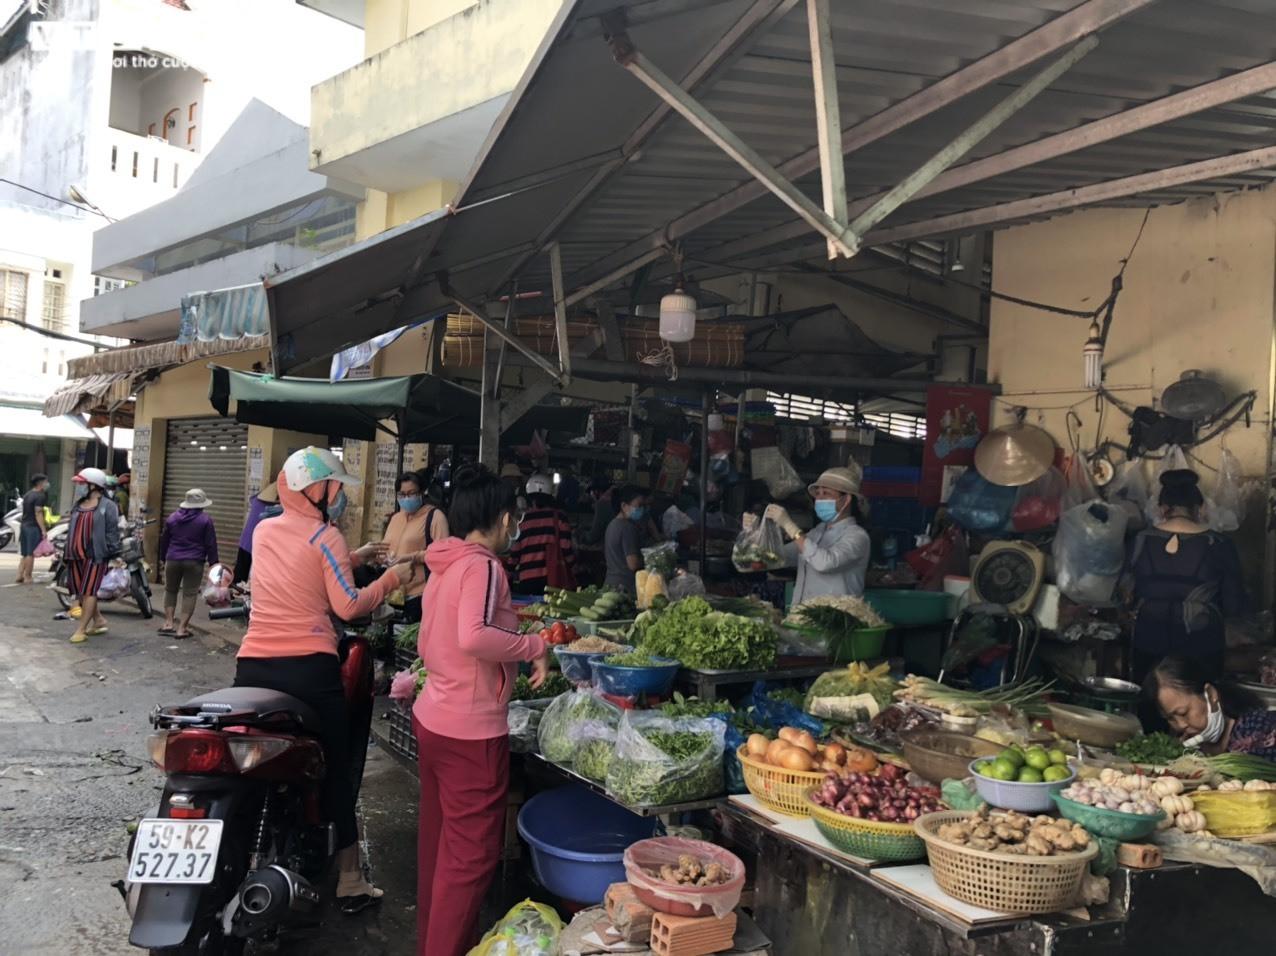 Giá thực phẩm tại các chợ truyền thống ở TP.HCM tăng mạnh - 1